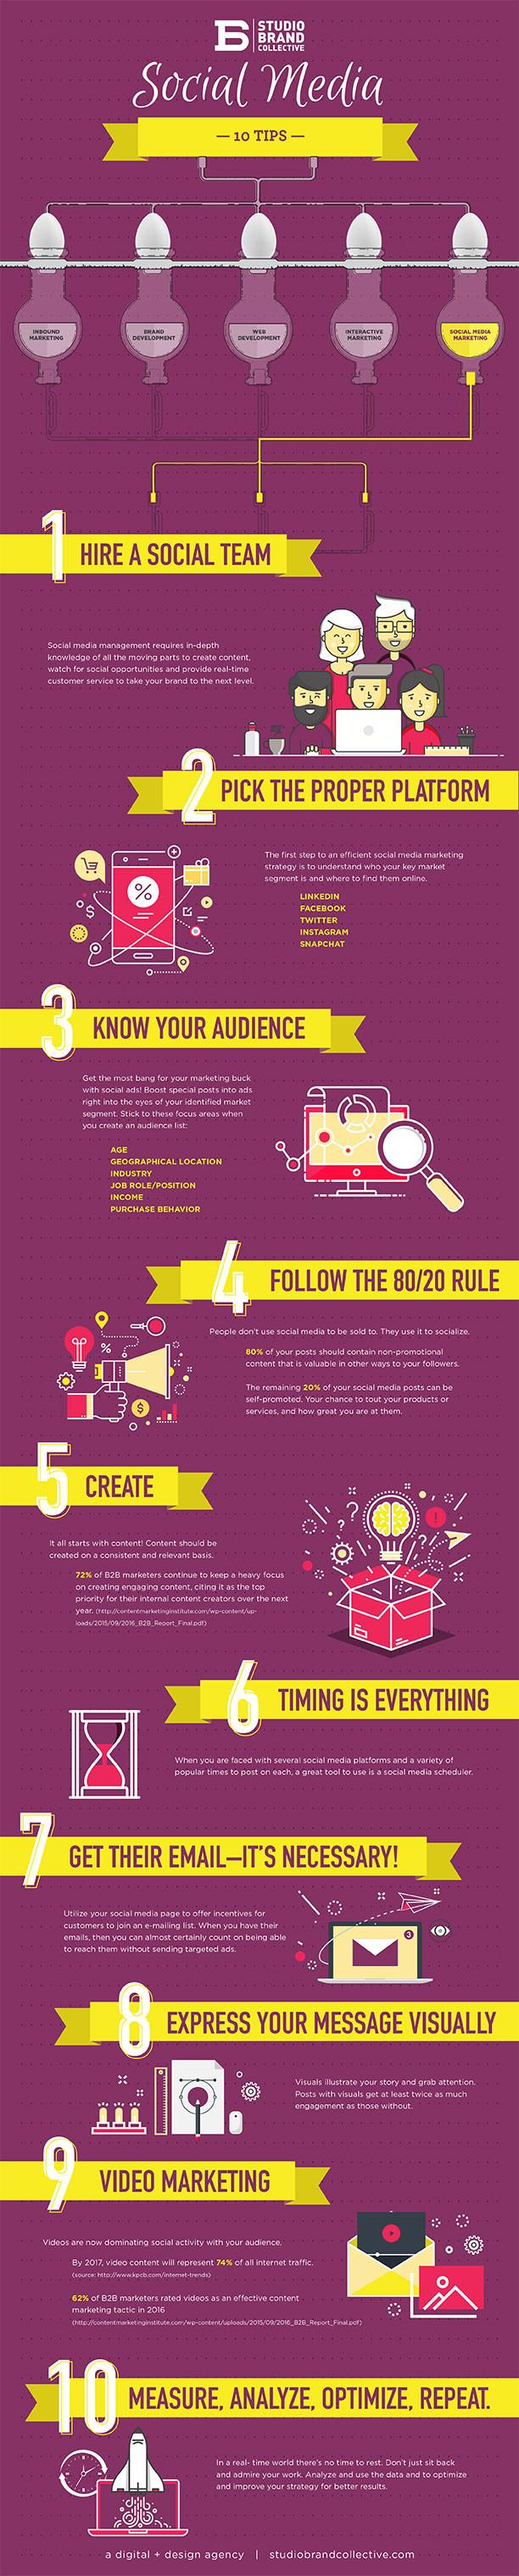 social media tips for B2B infographic